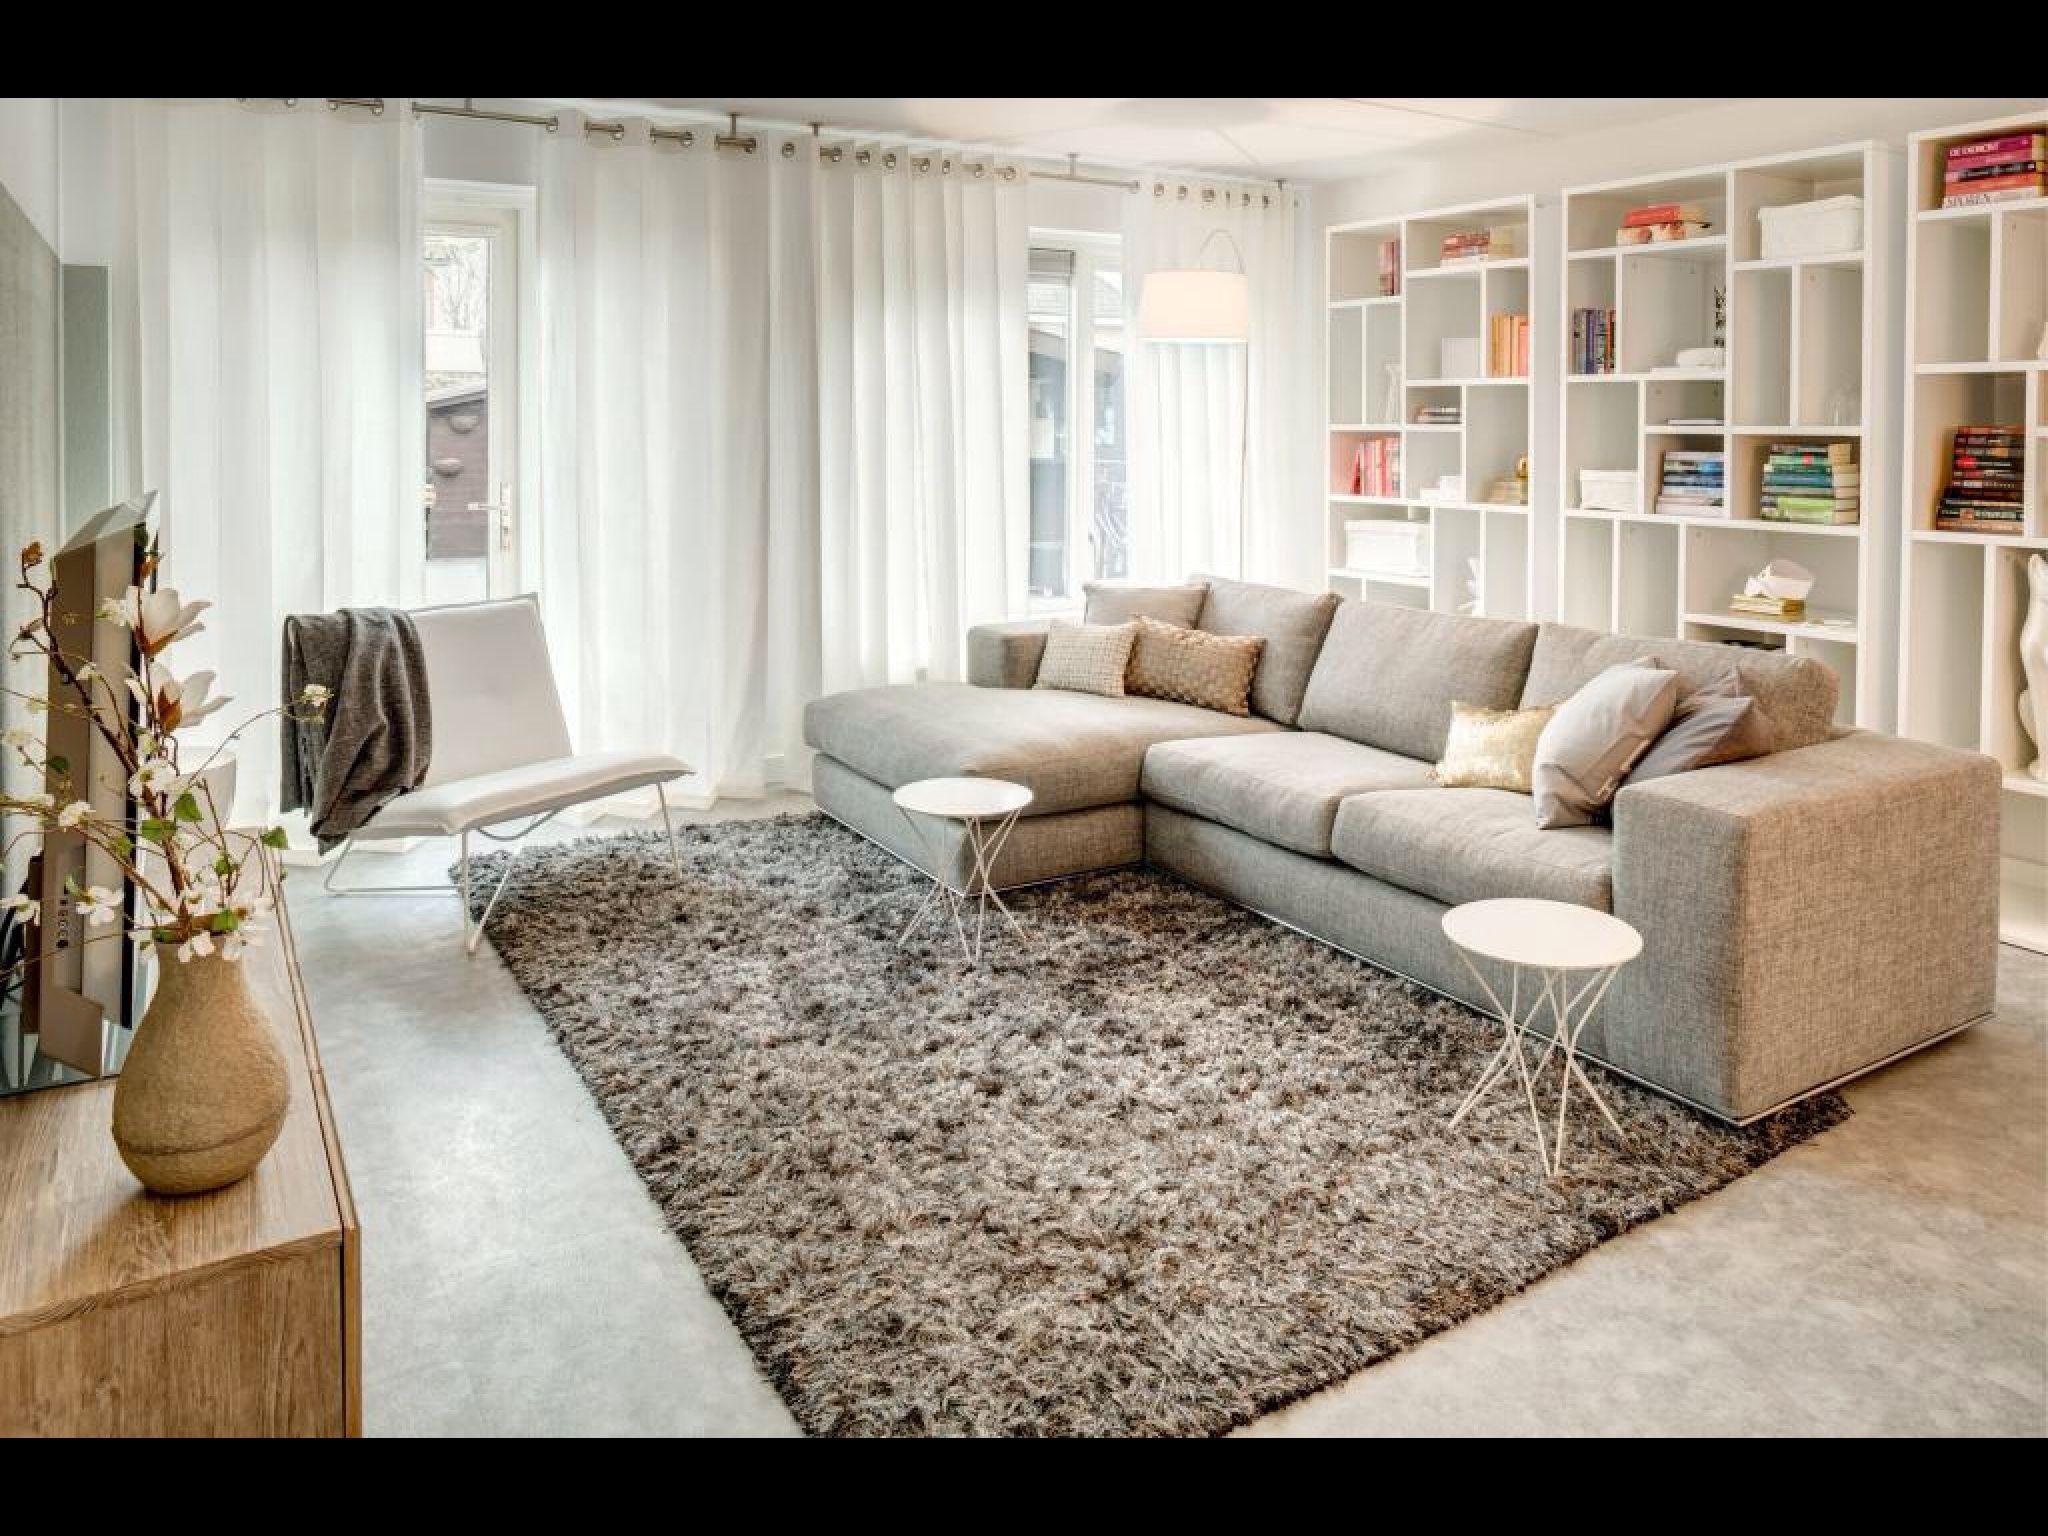 Woonkamer kast wit glanzend gehoor geven aan uw huis